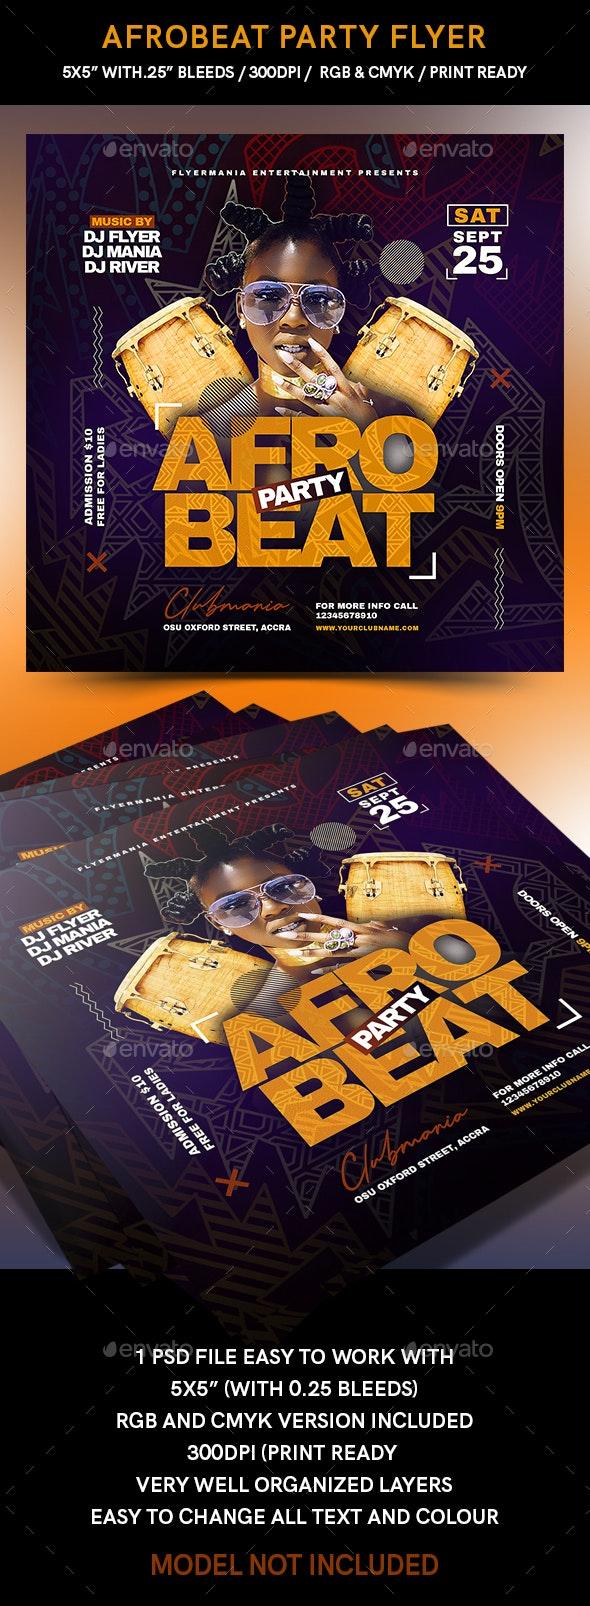 Afrobeat Party Flyer - Flyers Print Templates